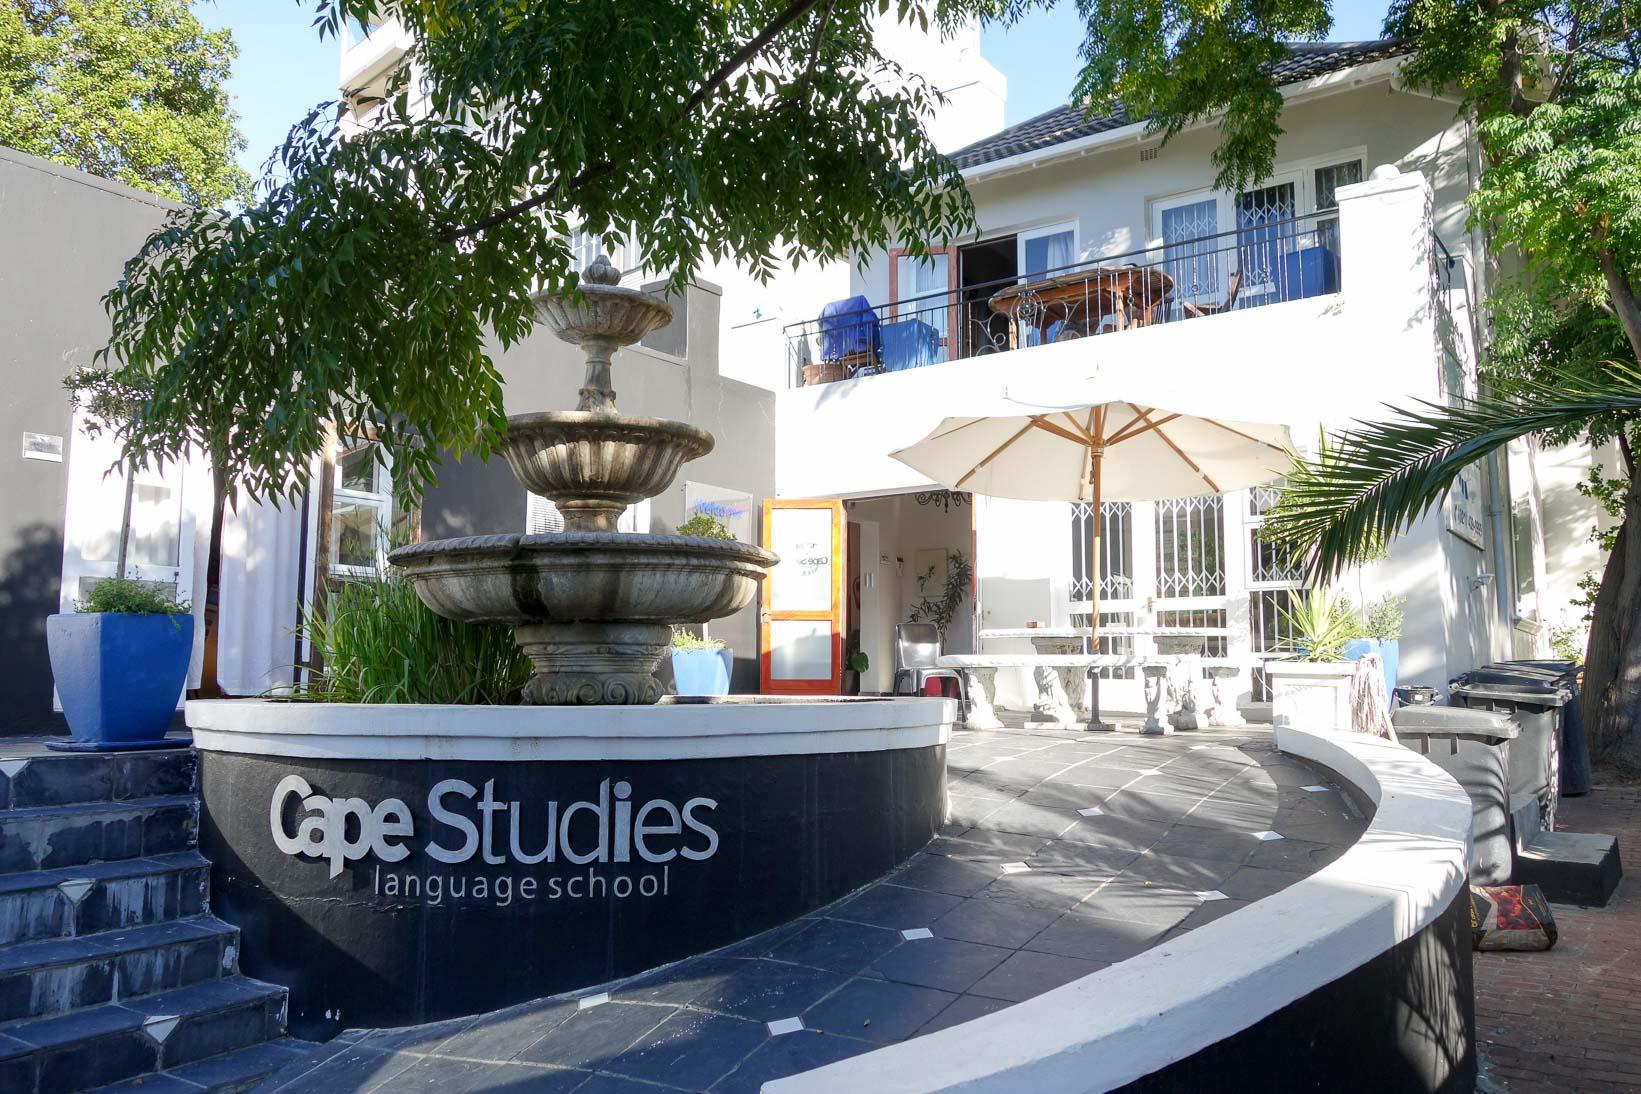 Bildungsurlaub Kapstadt Englisch – Sprachschule Cape Studies